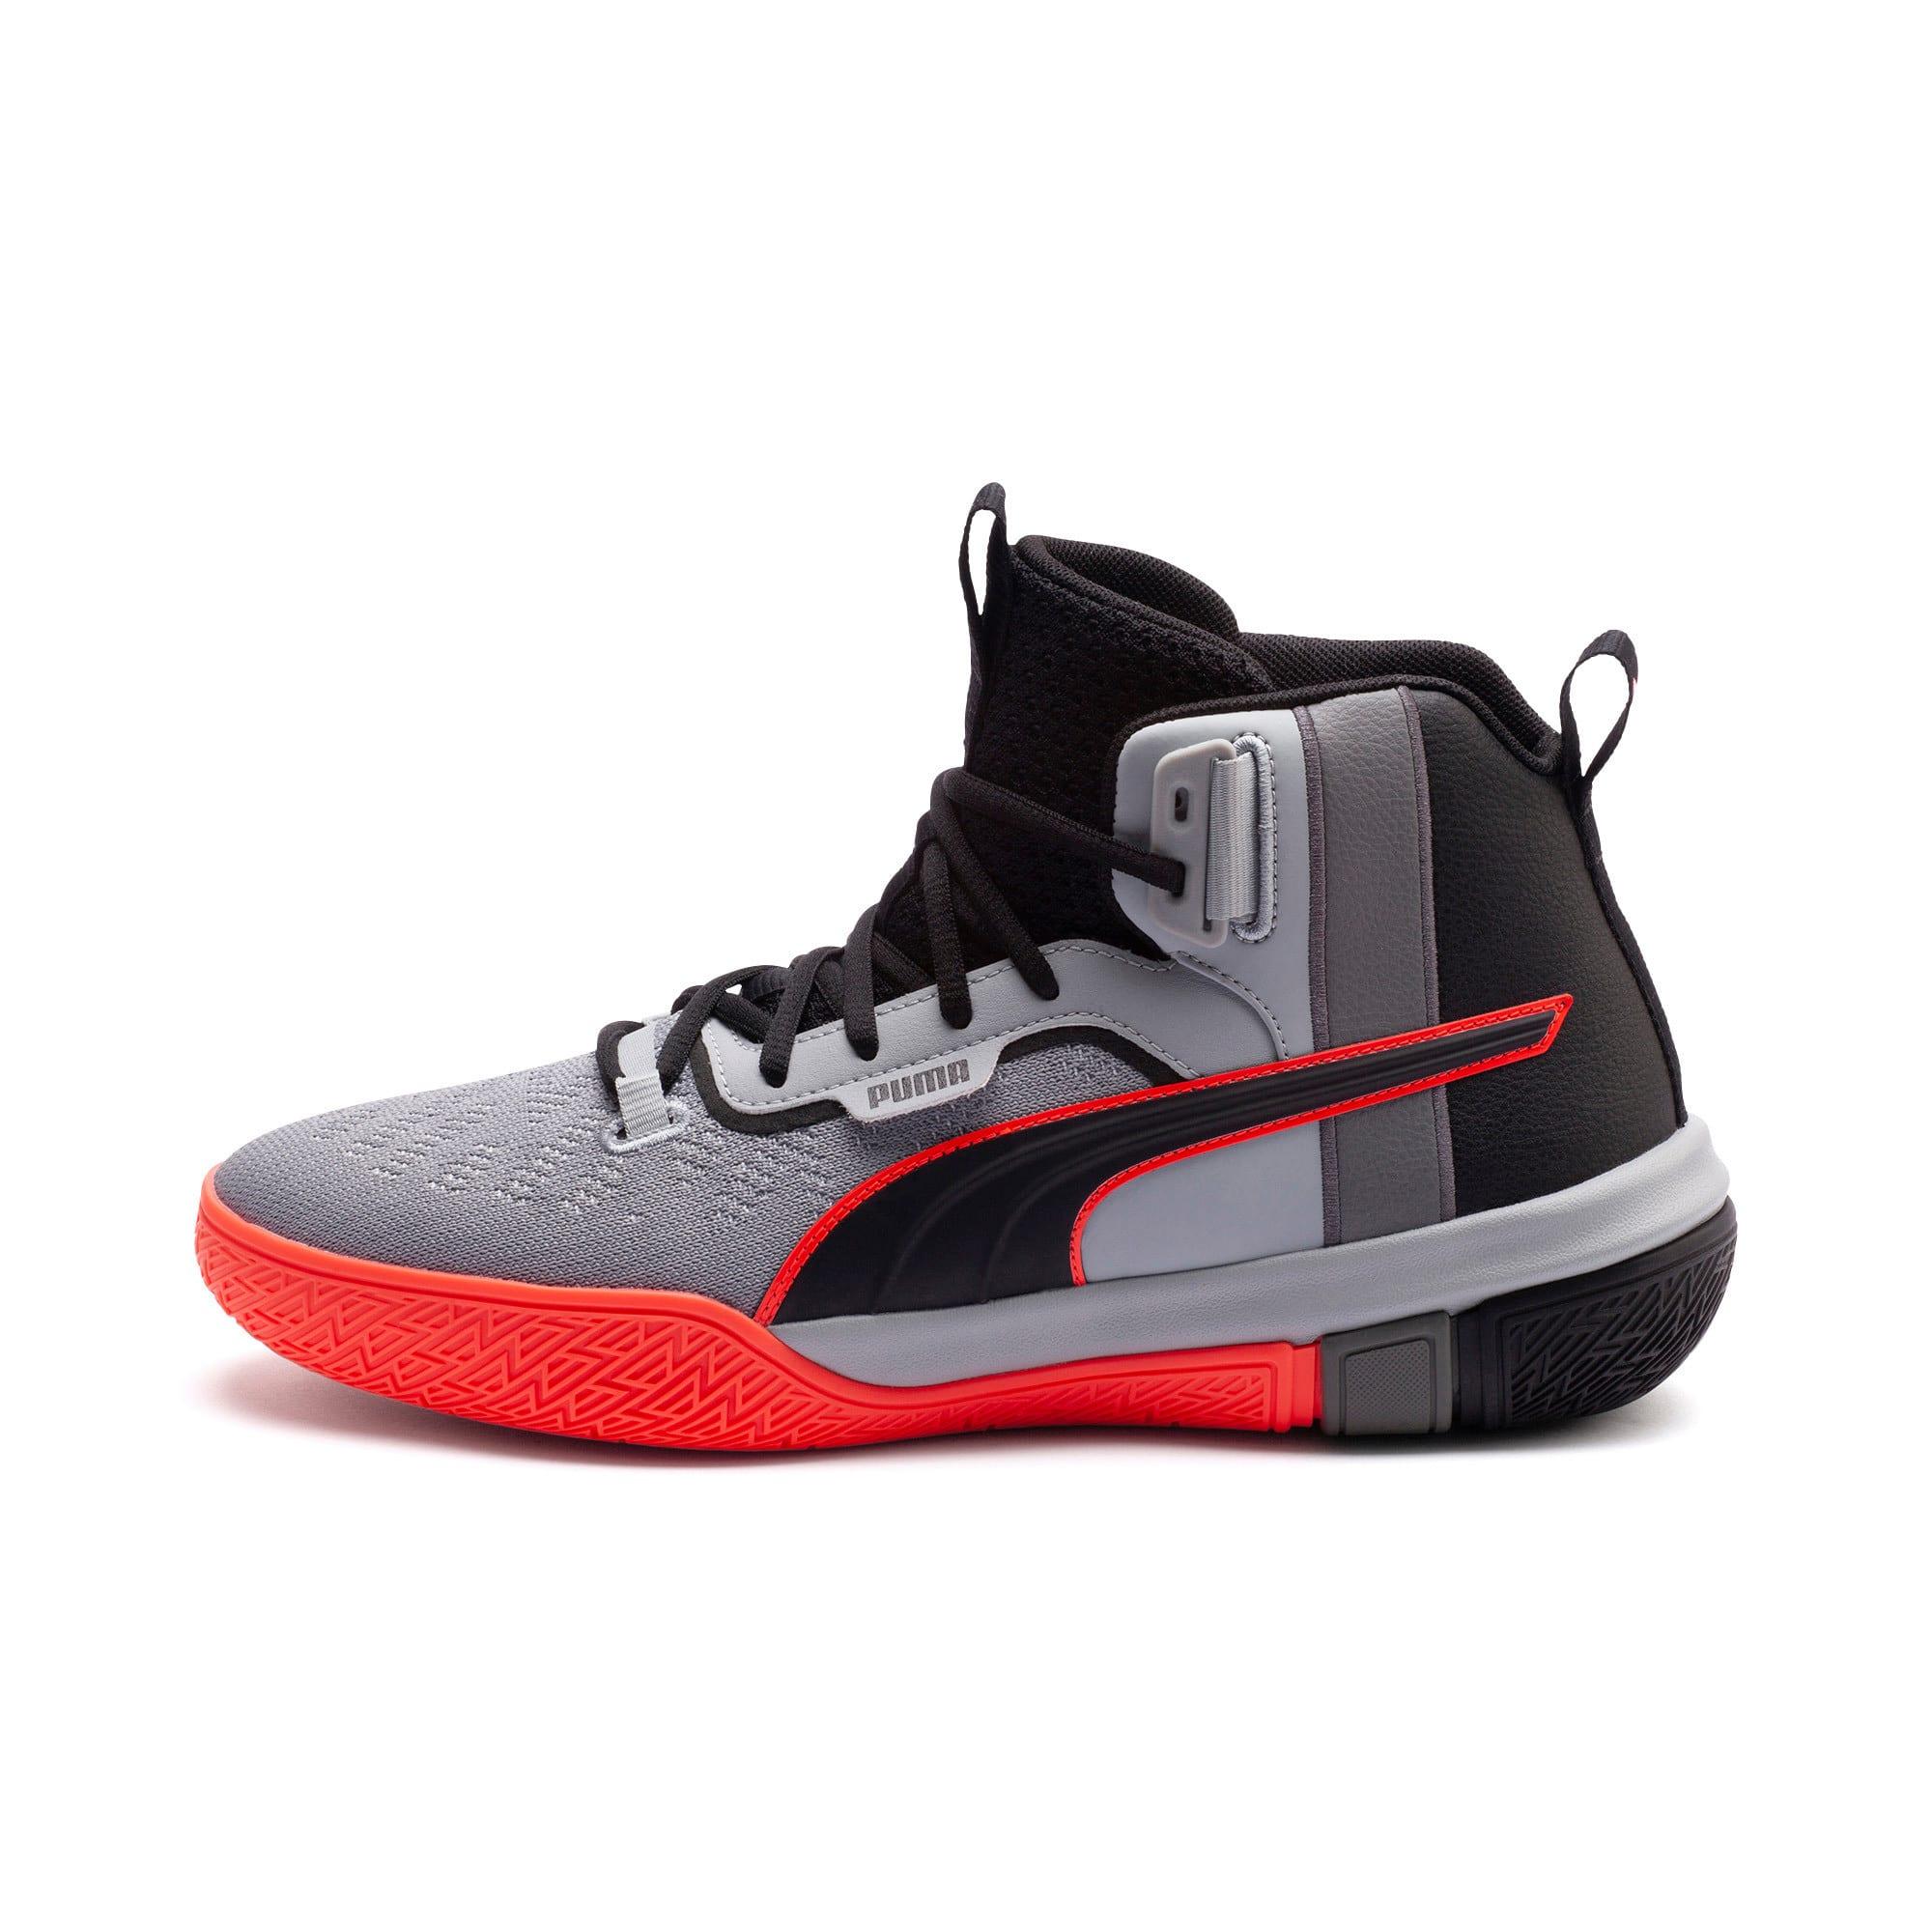 Thumbnail 1 of Chaussure de basket Legacy Disrupt pour homme, Puma Black-Red Blast, medium